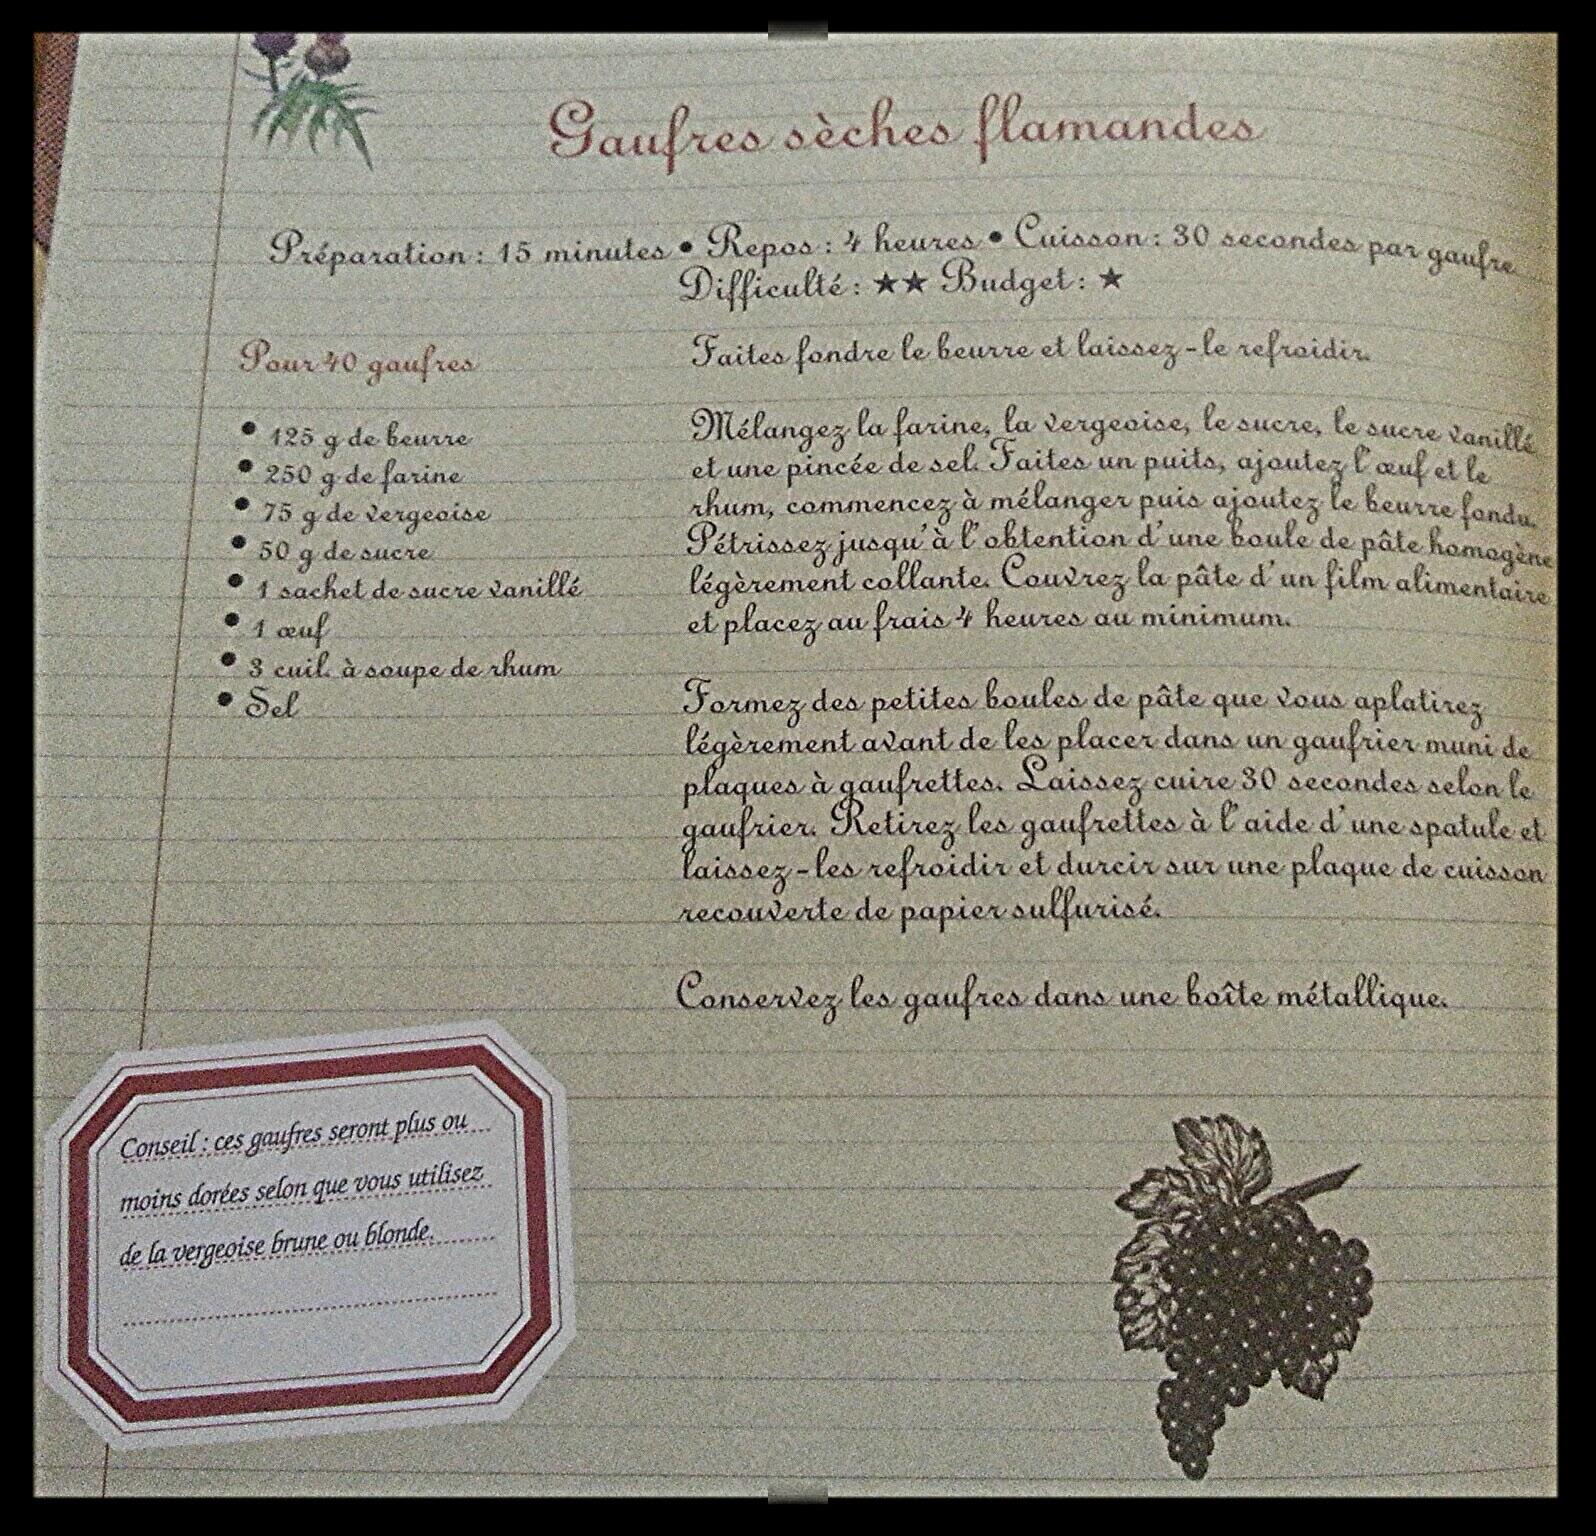 gaufres-flamandes